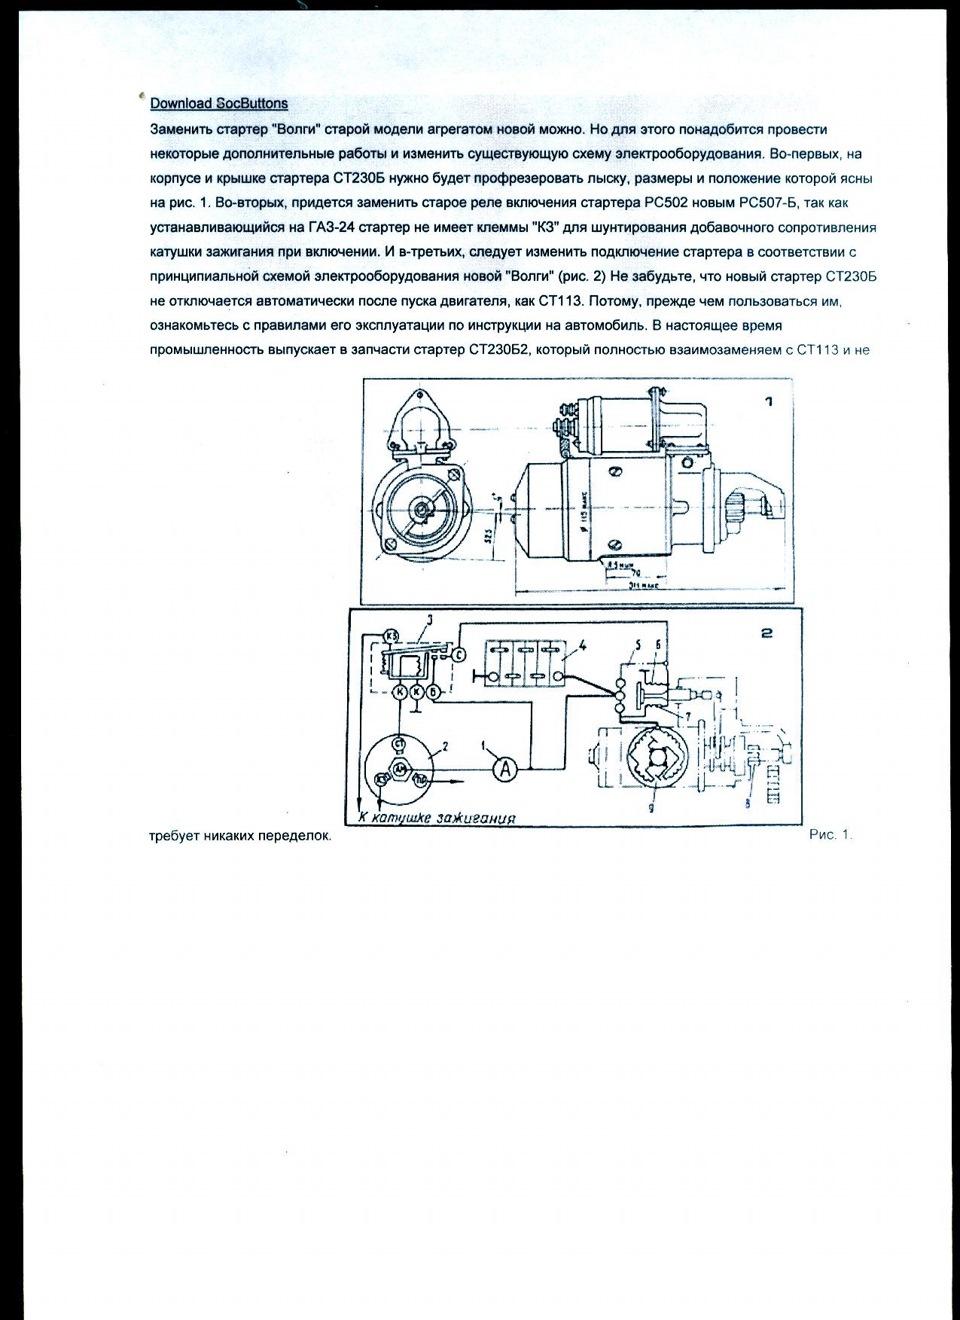 Подключение реле стартера схема